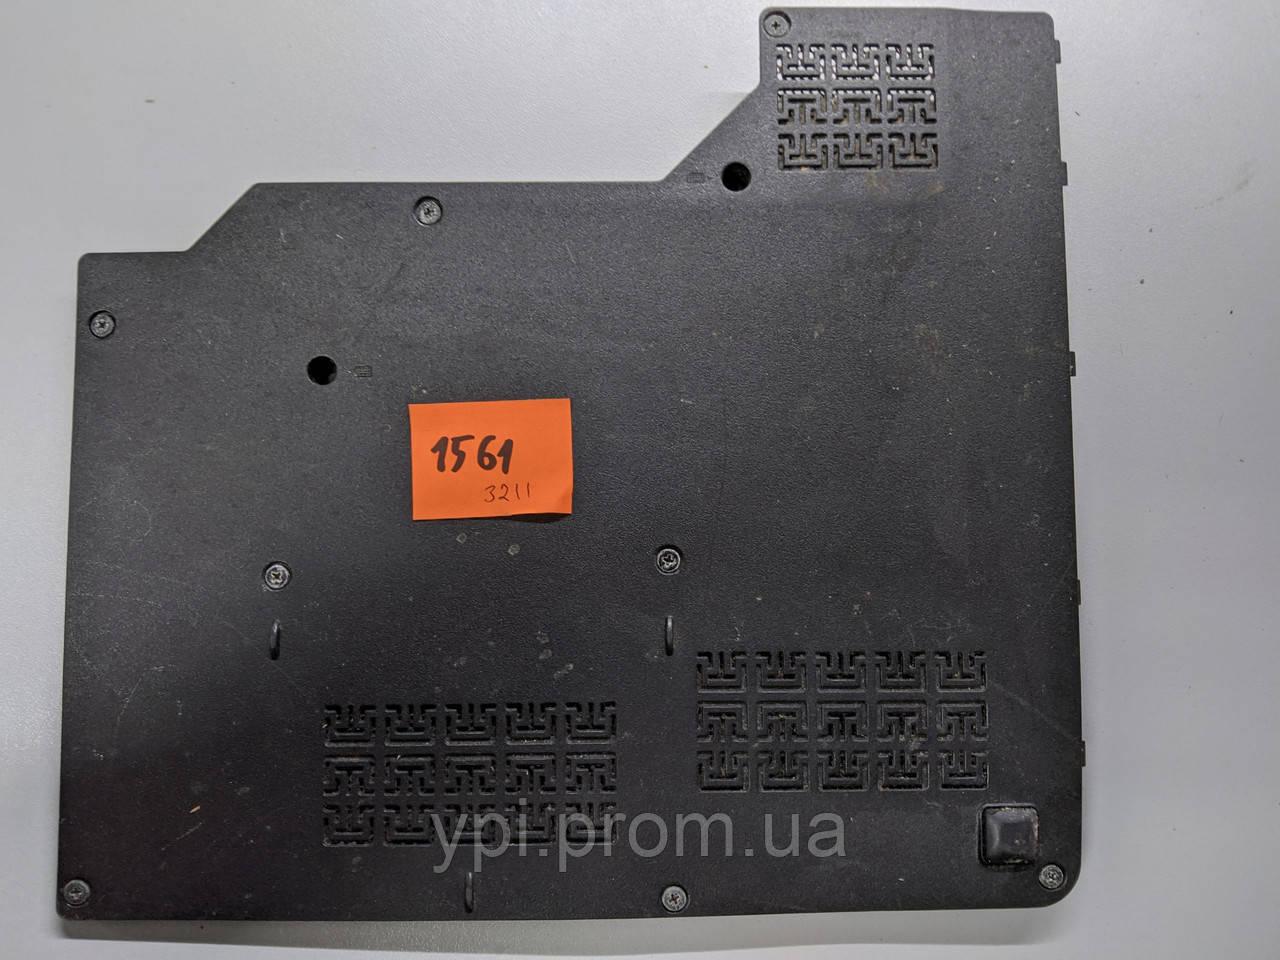 Сервисная крышка для ноутбука Lenovo Z565, AP0E40003000AB3ED00165